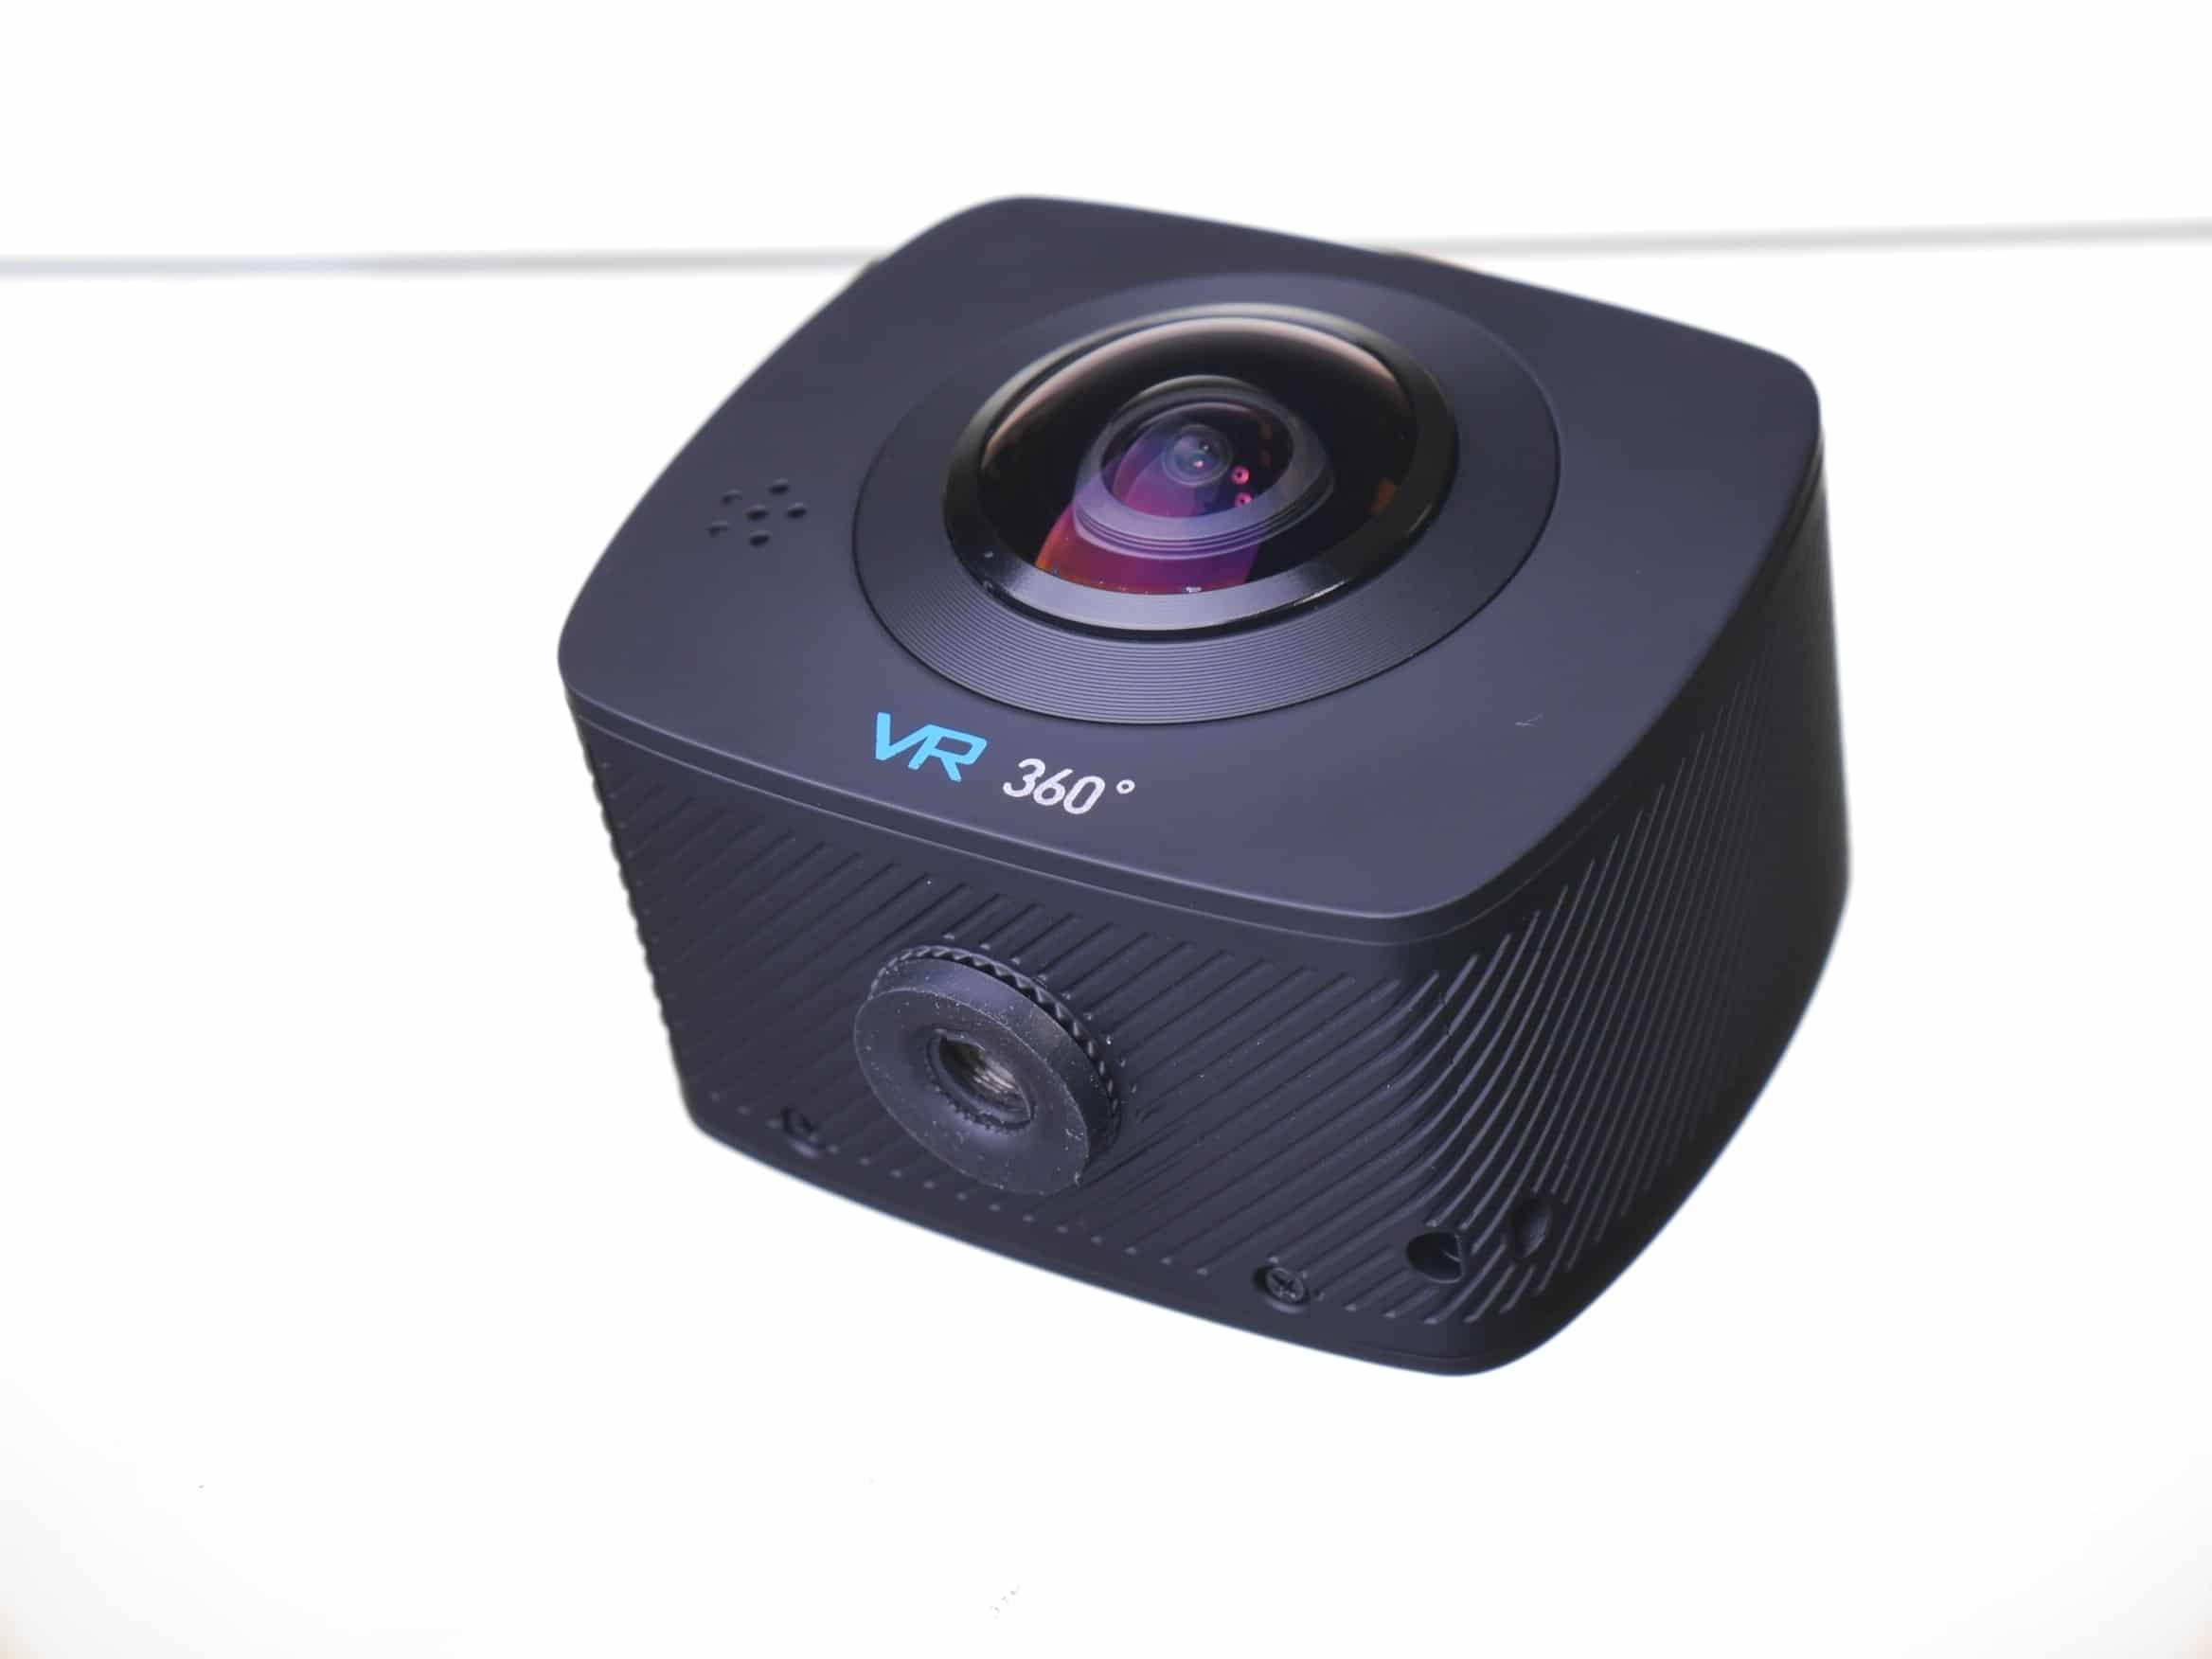 מותג חדש מצלמת 360 מעלות - mzone vr 360 - 2click JO-79